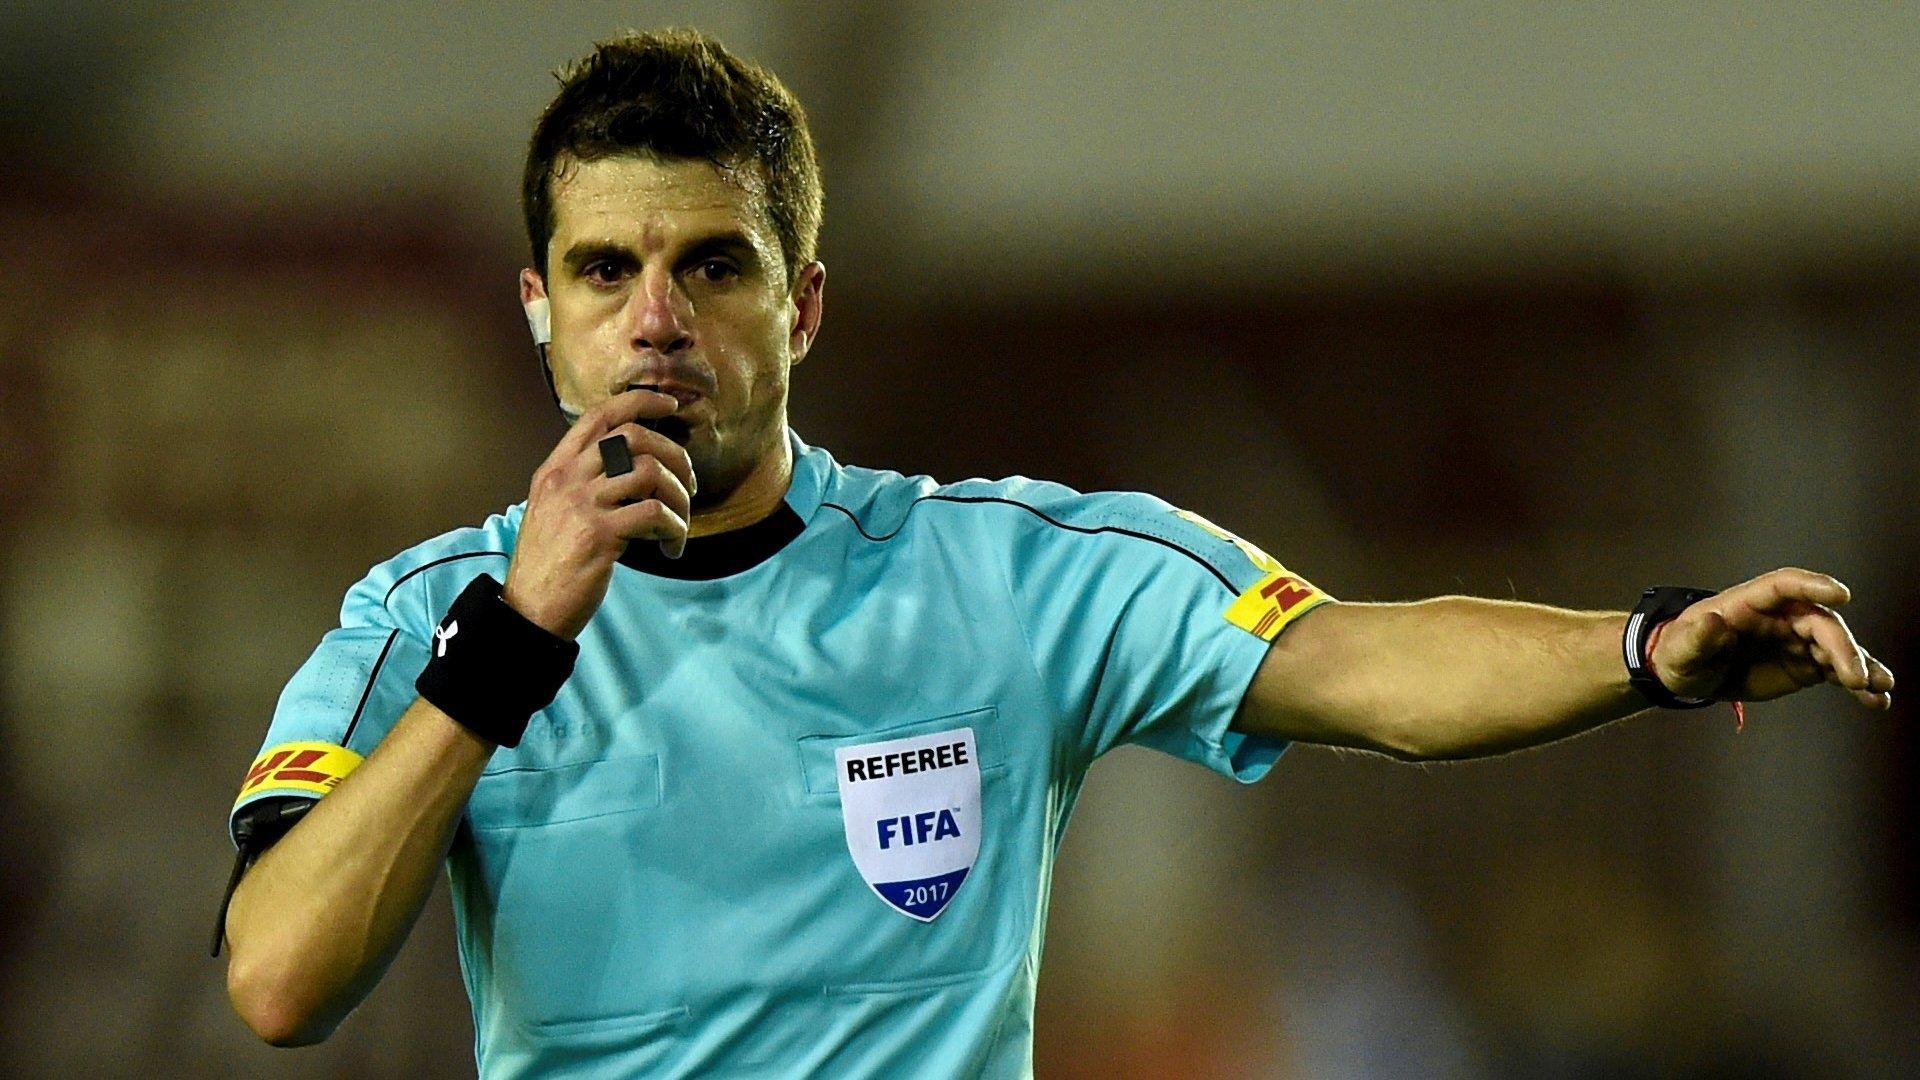 Бельгия: Уругвайский судья Кунья назначен наполуфинал чемпионата мира Франция